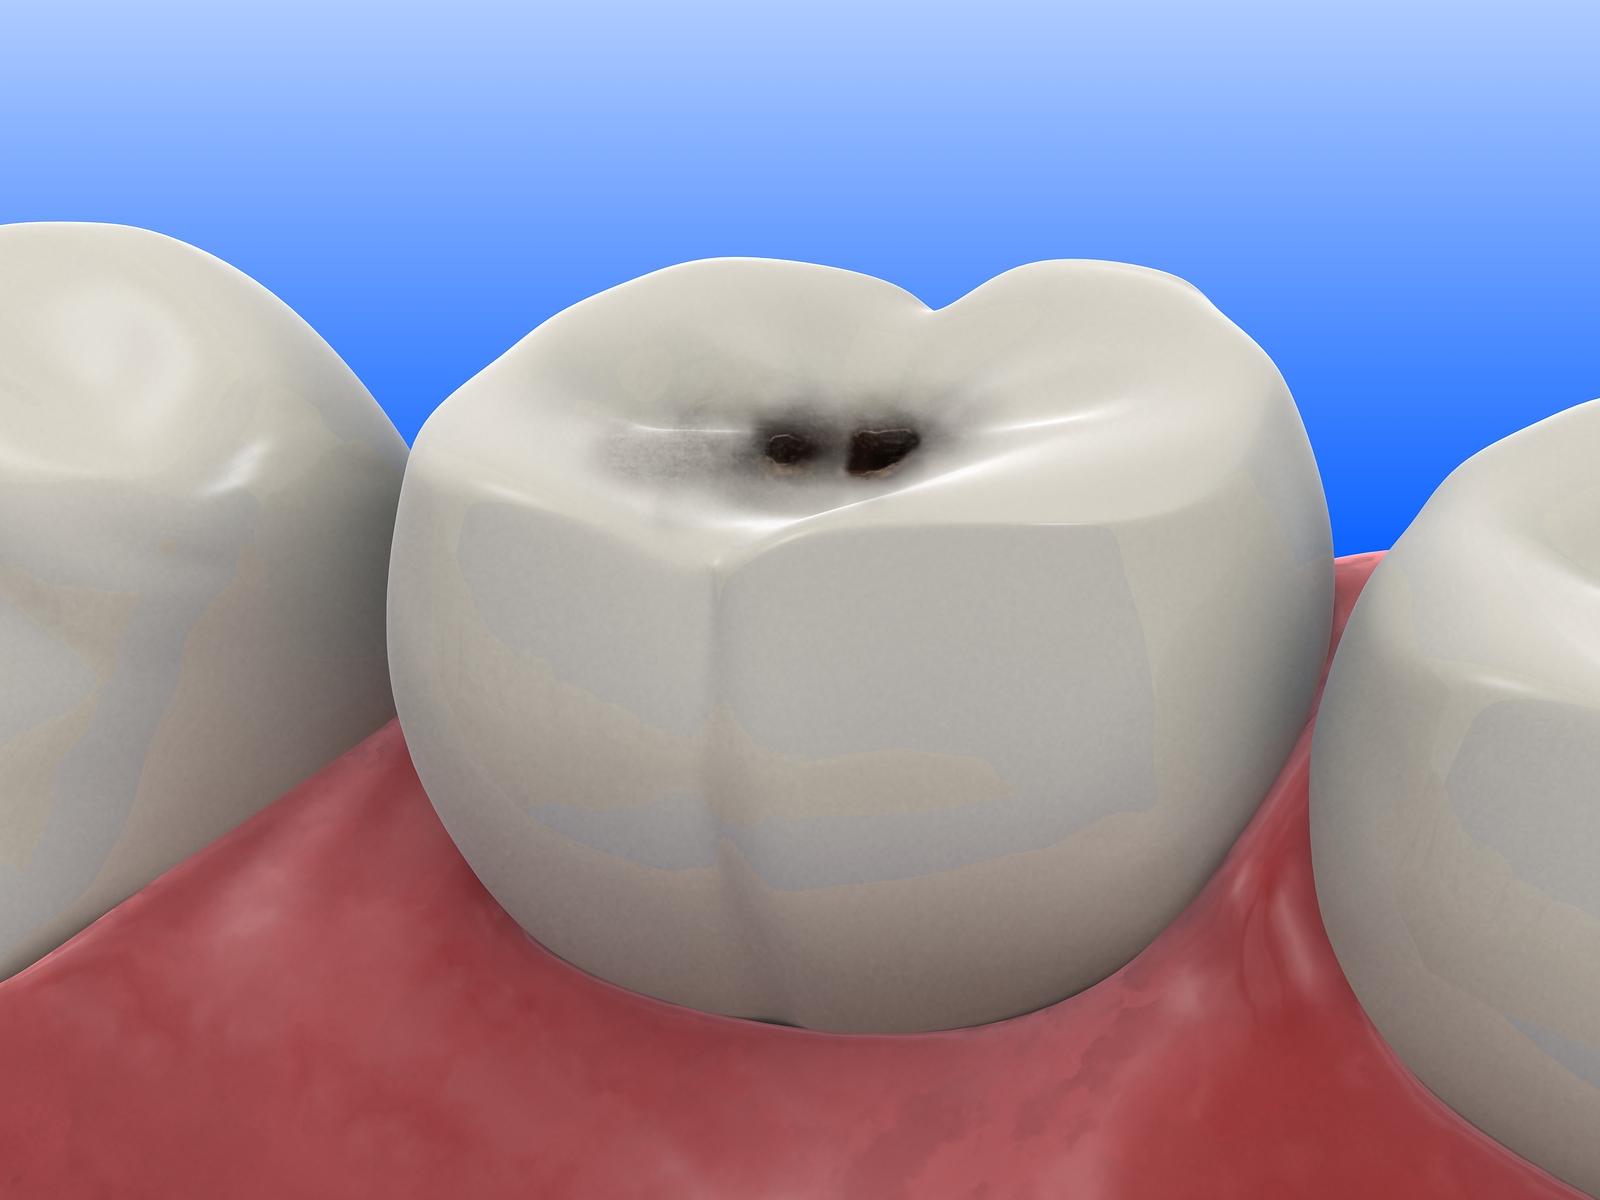 Imagem de uma simulação de um dente com Carie